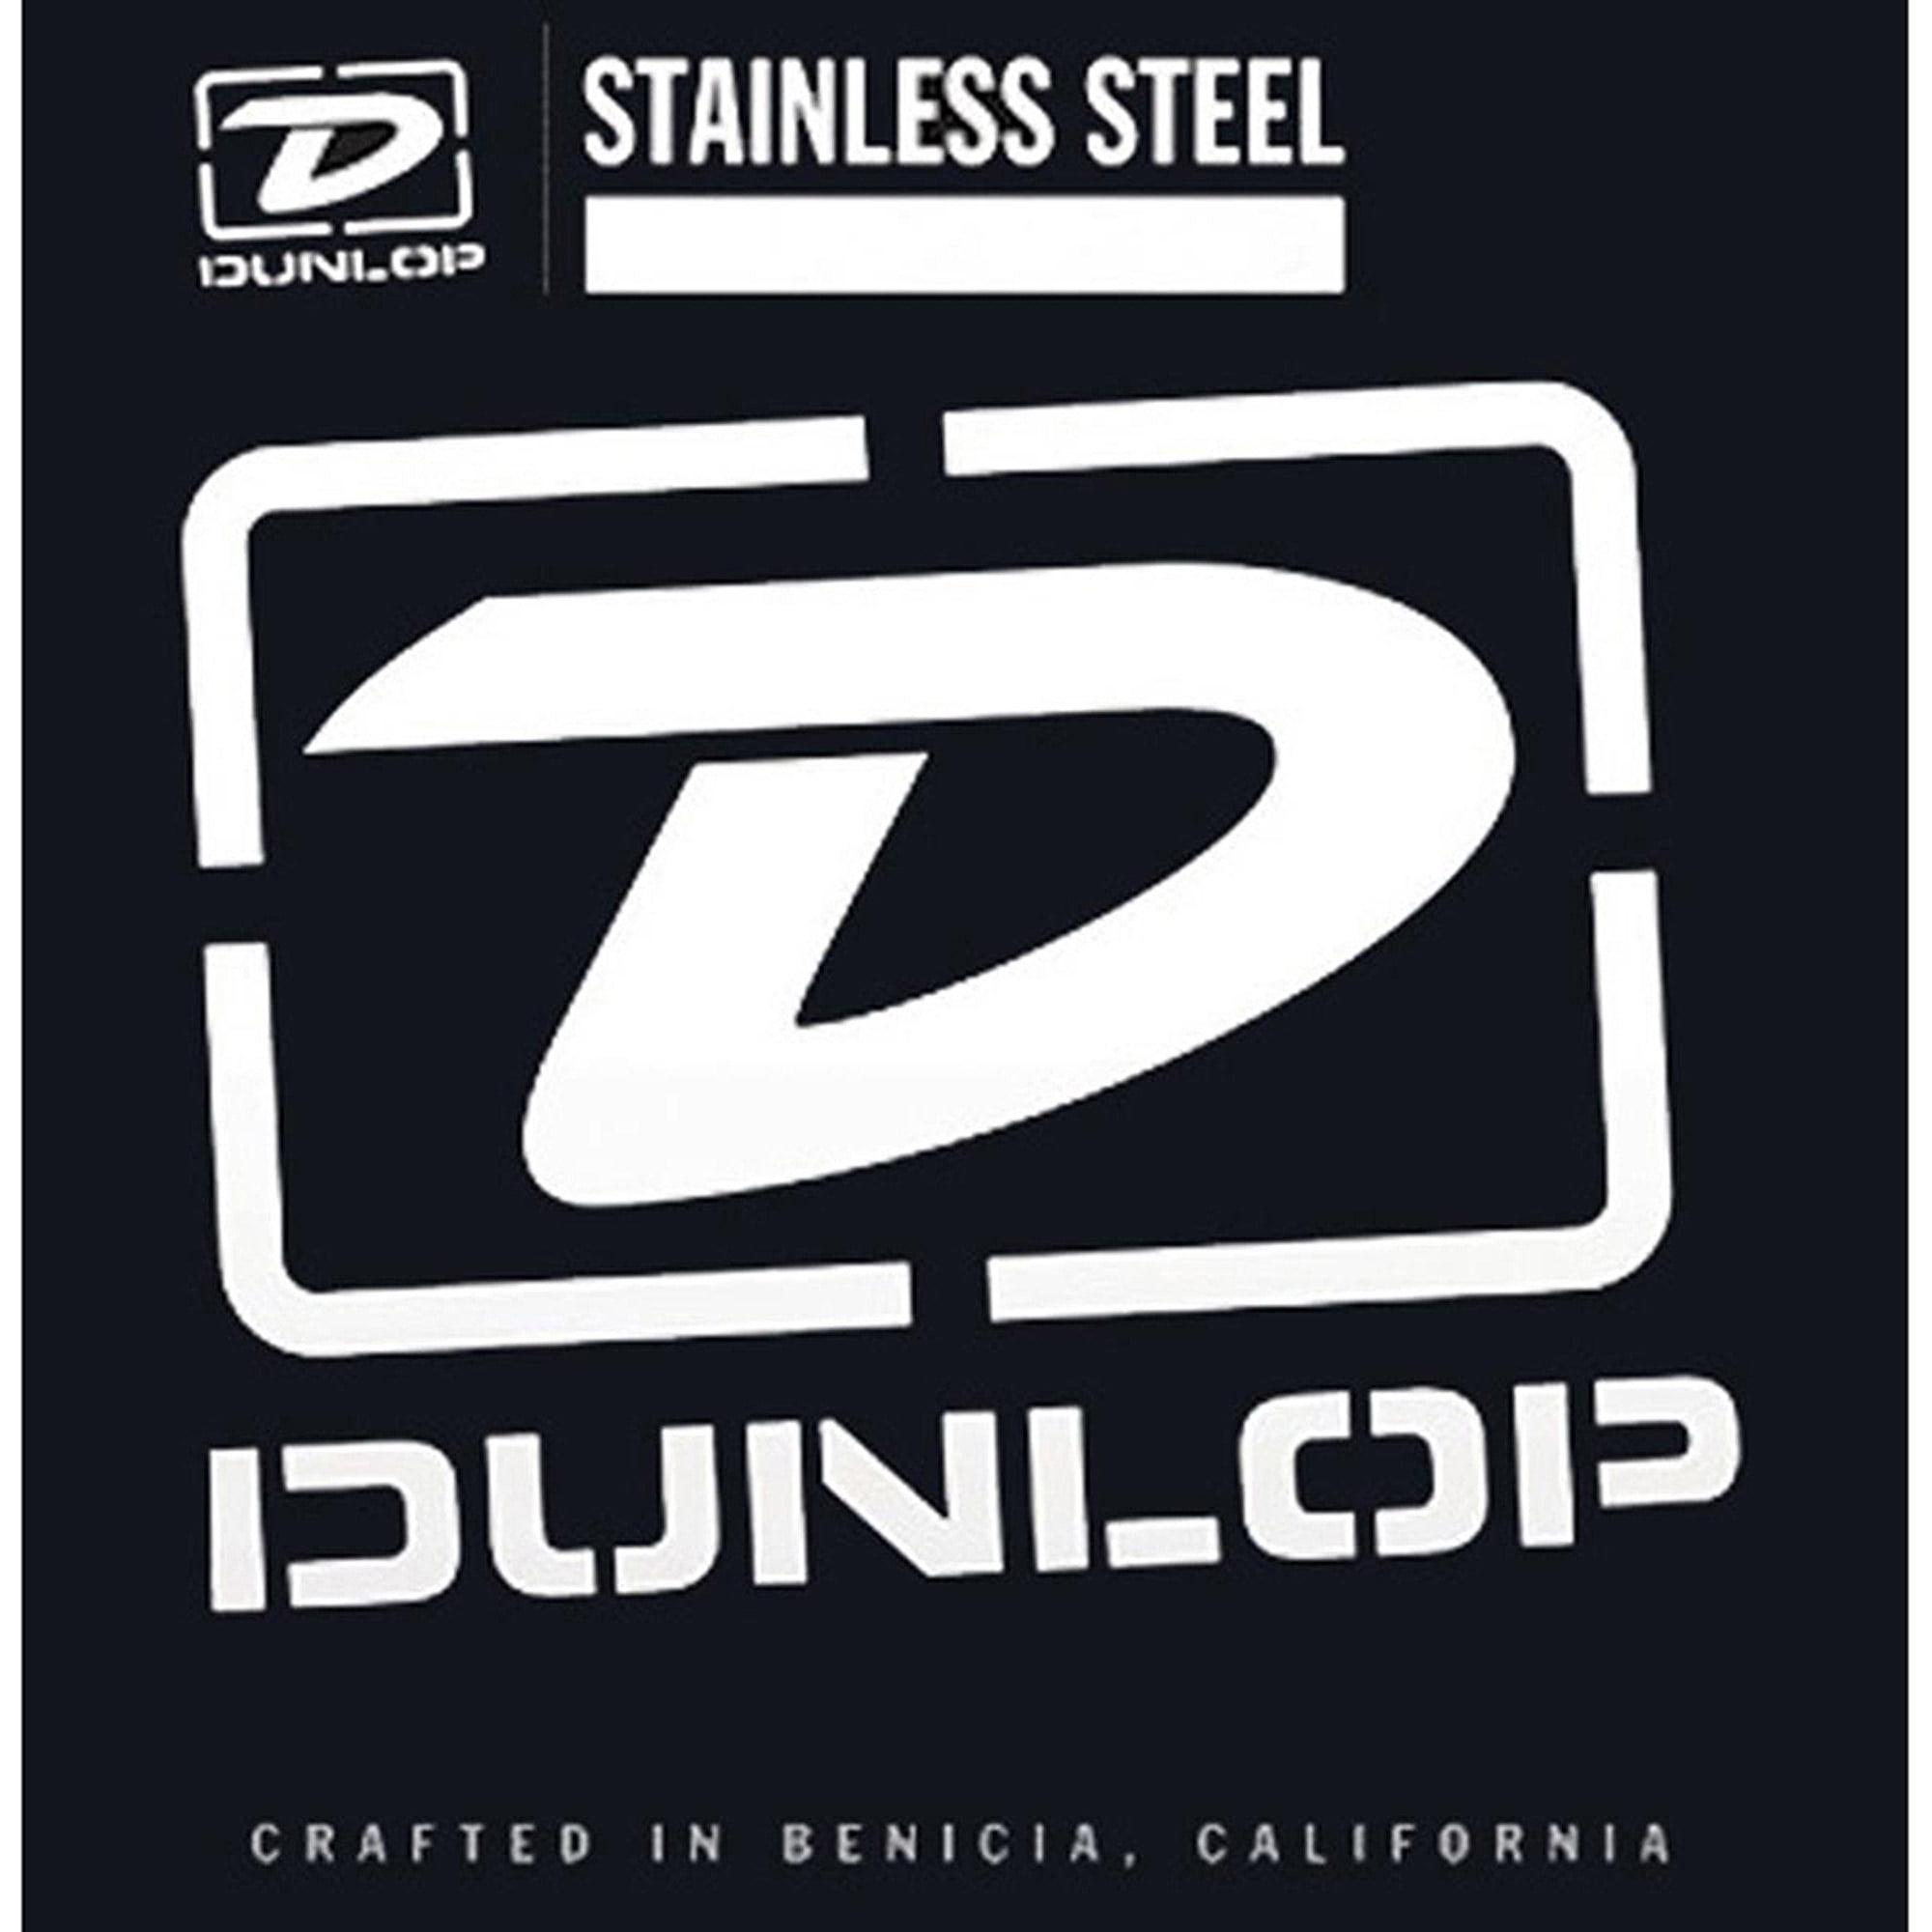 Dunlop DBS45125 Medium Stainless Steel Bass Guitar 5 String Set .045-.125 by Dunlop